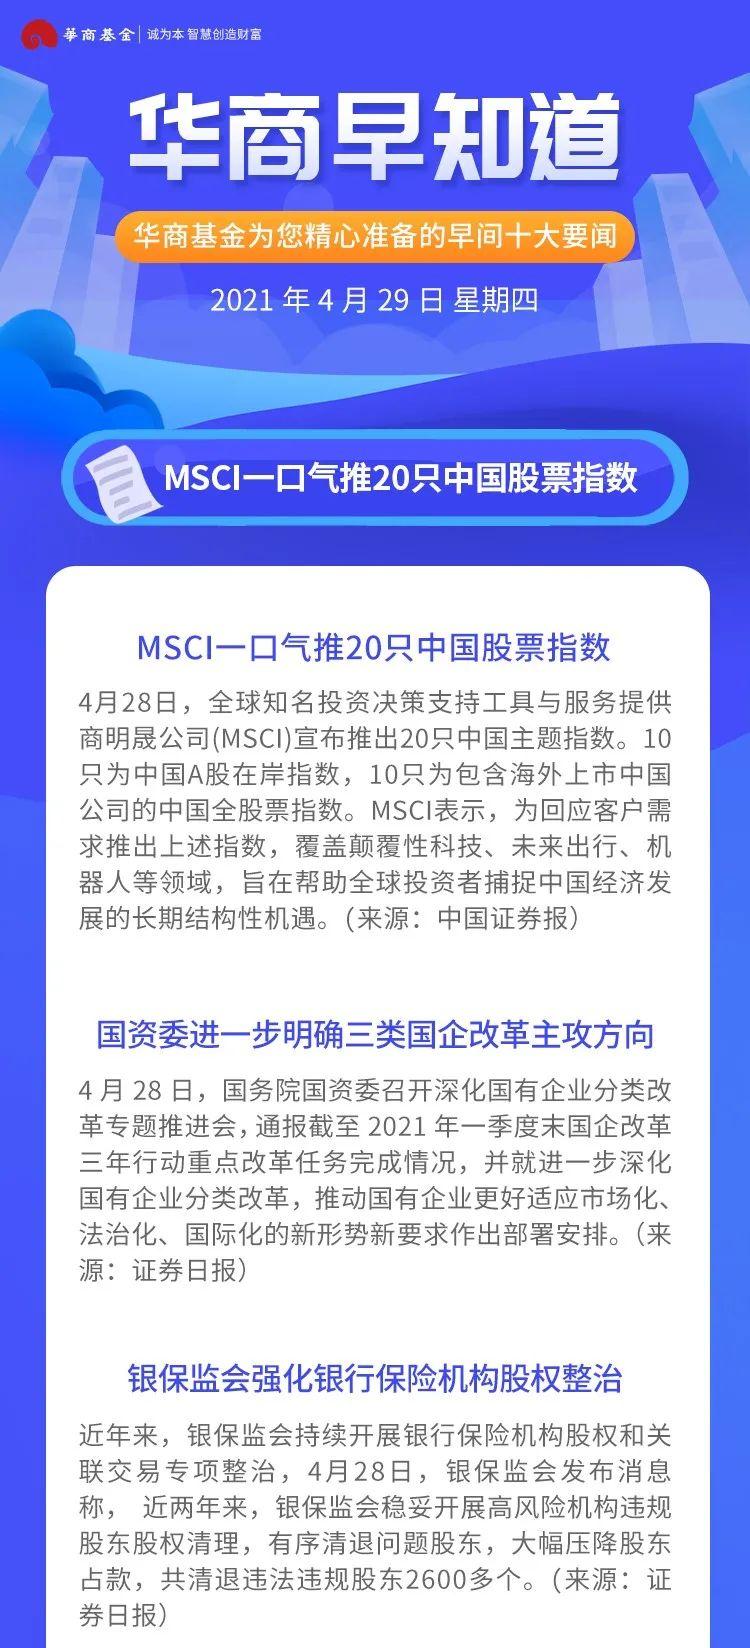 华商早知道 |  MSCI一口气推20只中国股票指数 助力外资捕捉中国机遇